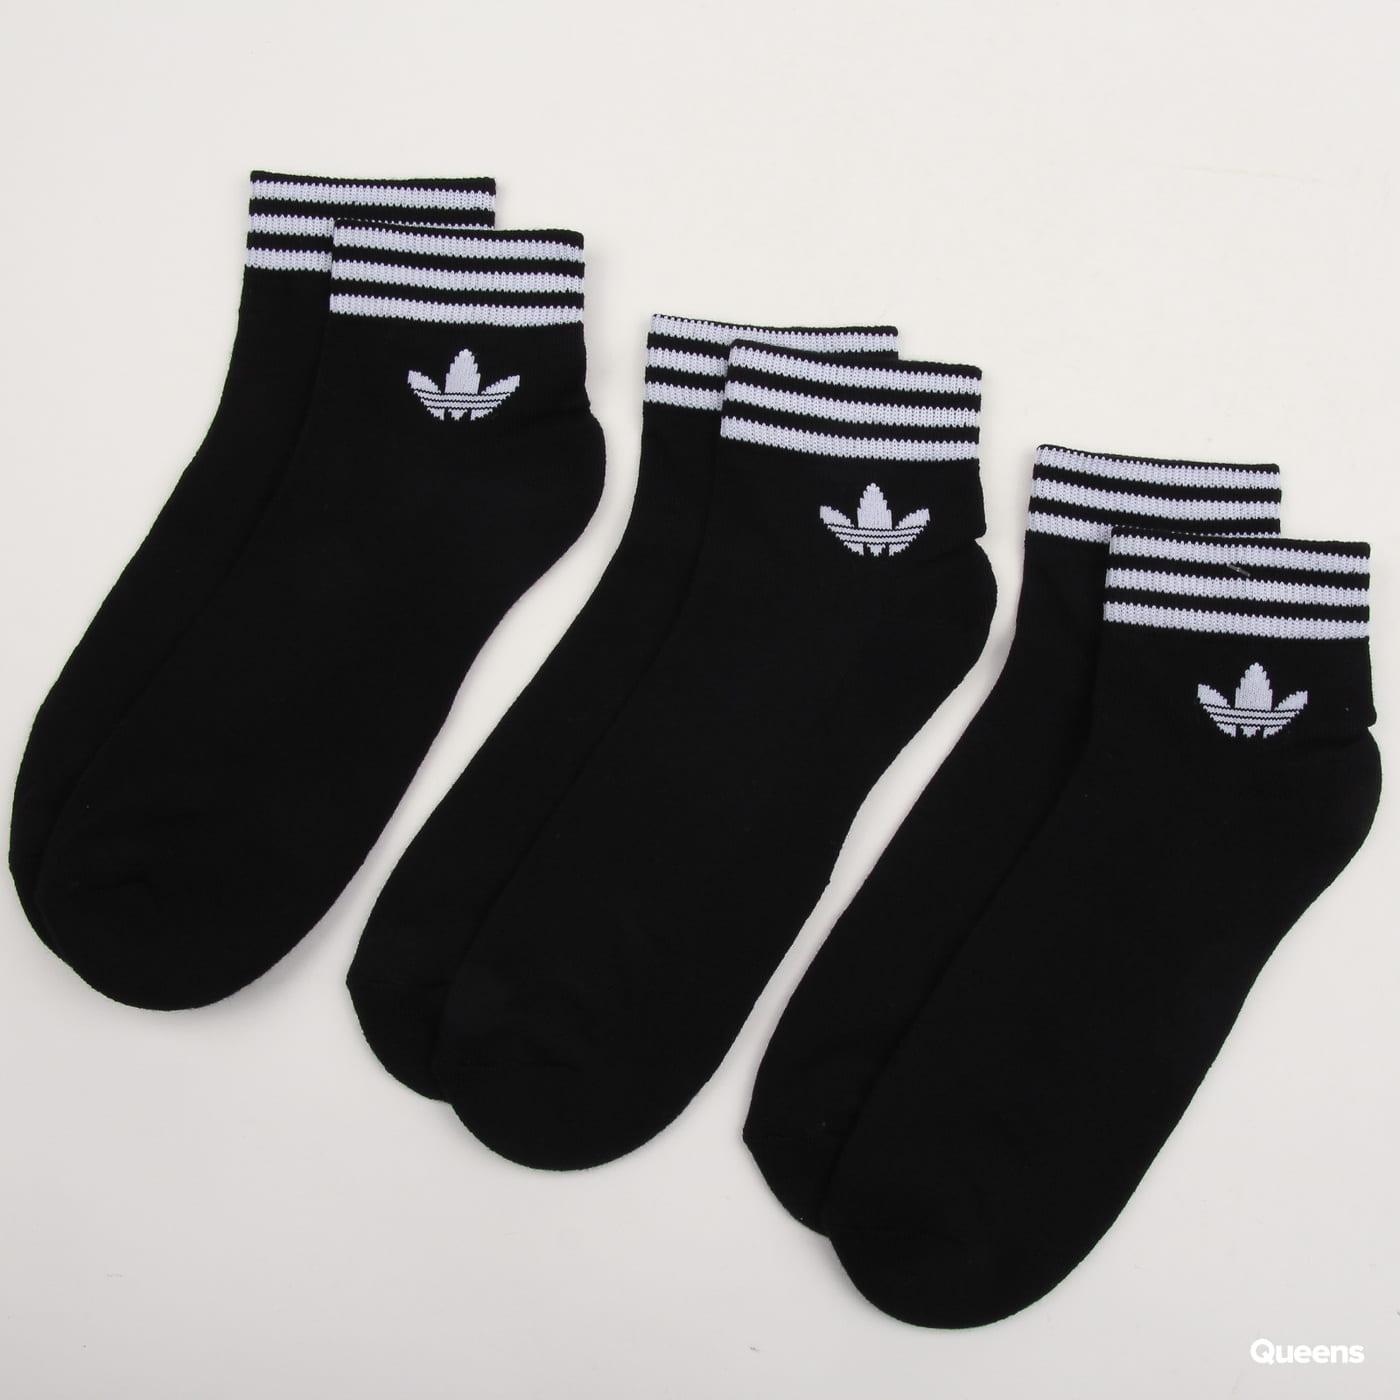 adidas Originals Trefoil Ankle Socks HC 3Pack čierne / biele